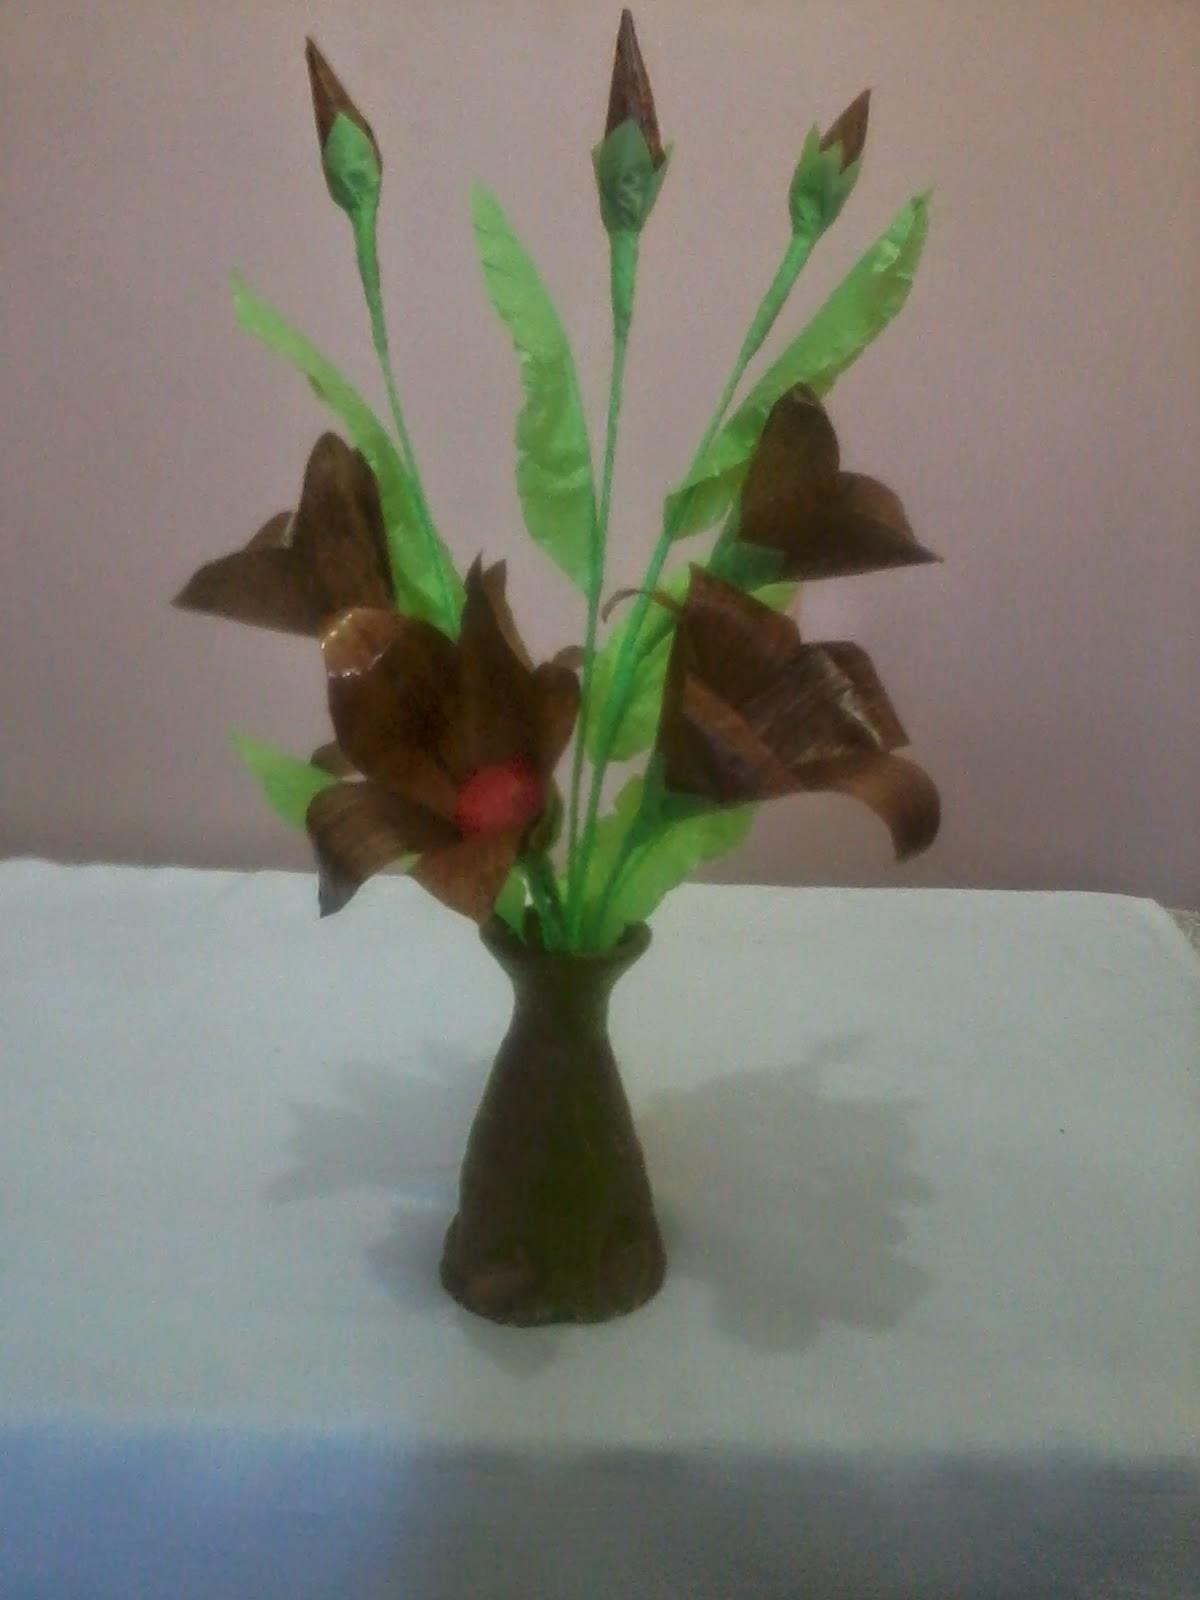 Kerajinan Bunga Dari Pelepah Pisang : kerajinan, bunga, pelepah, pisang, Wulandari:, Olahan, Pisang, Kering, Plastik, Bekas